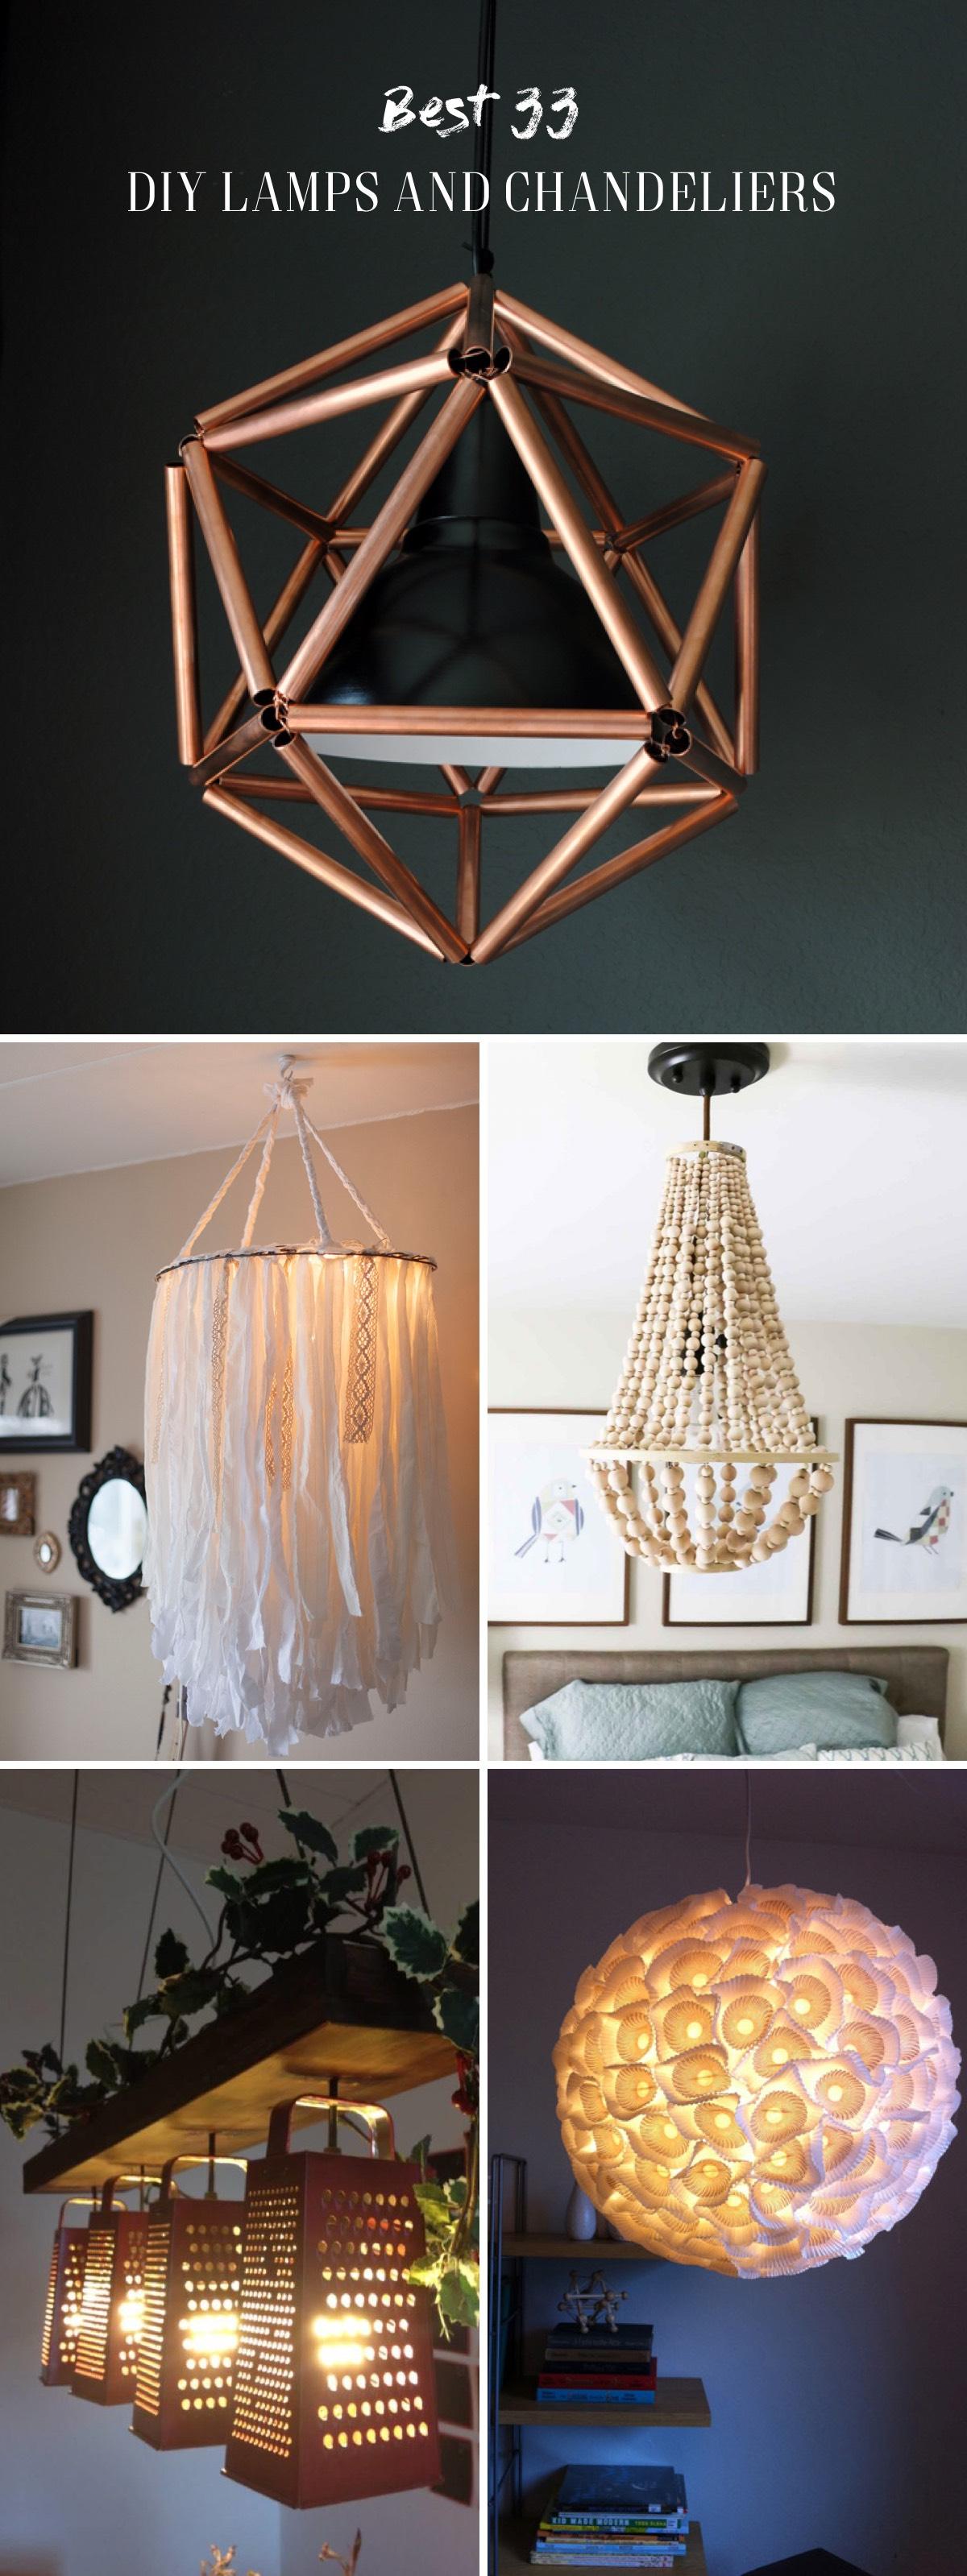 DIY lamps